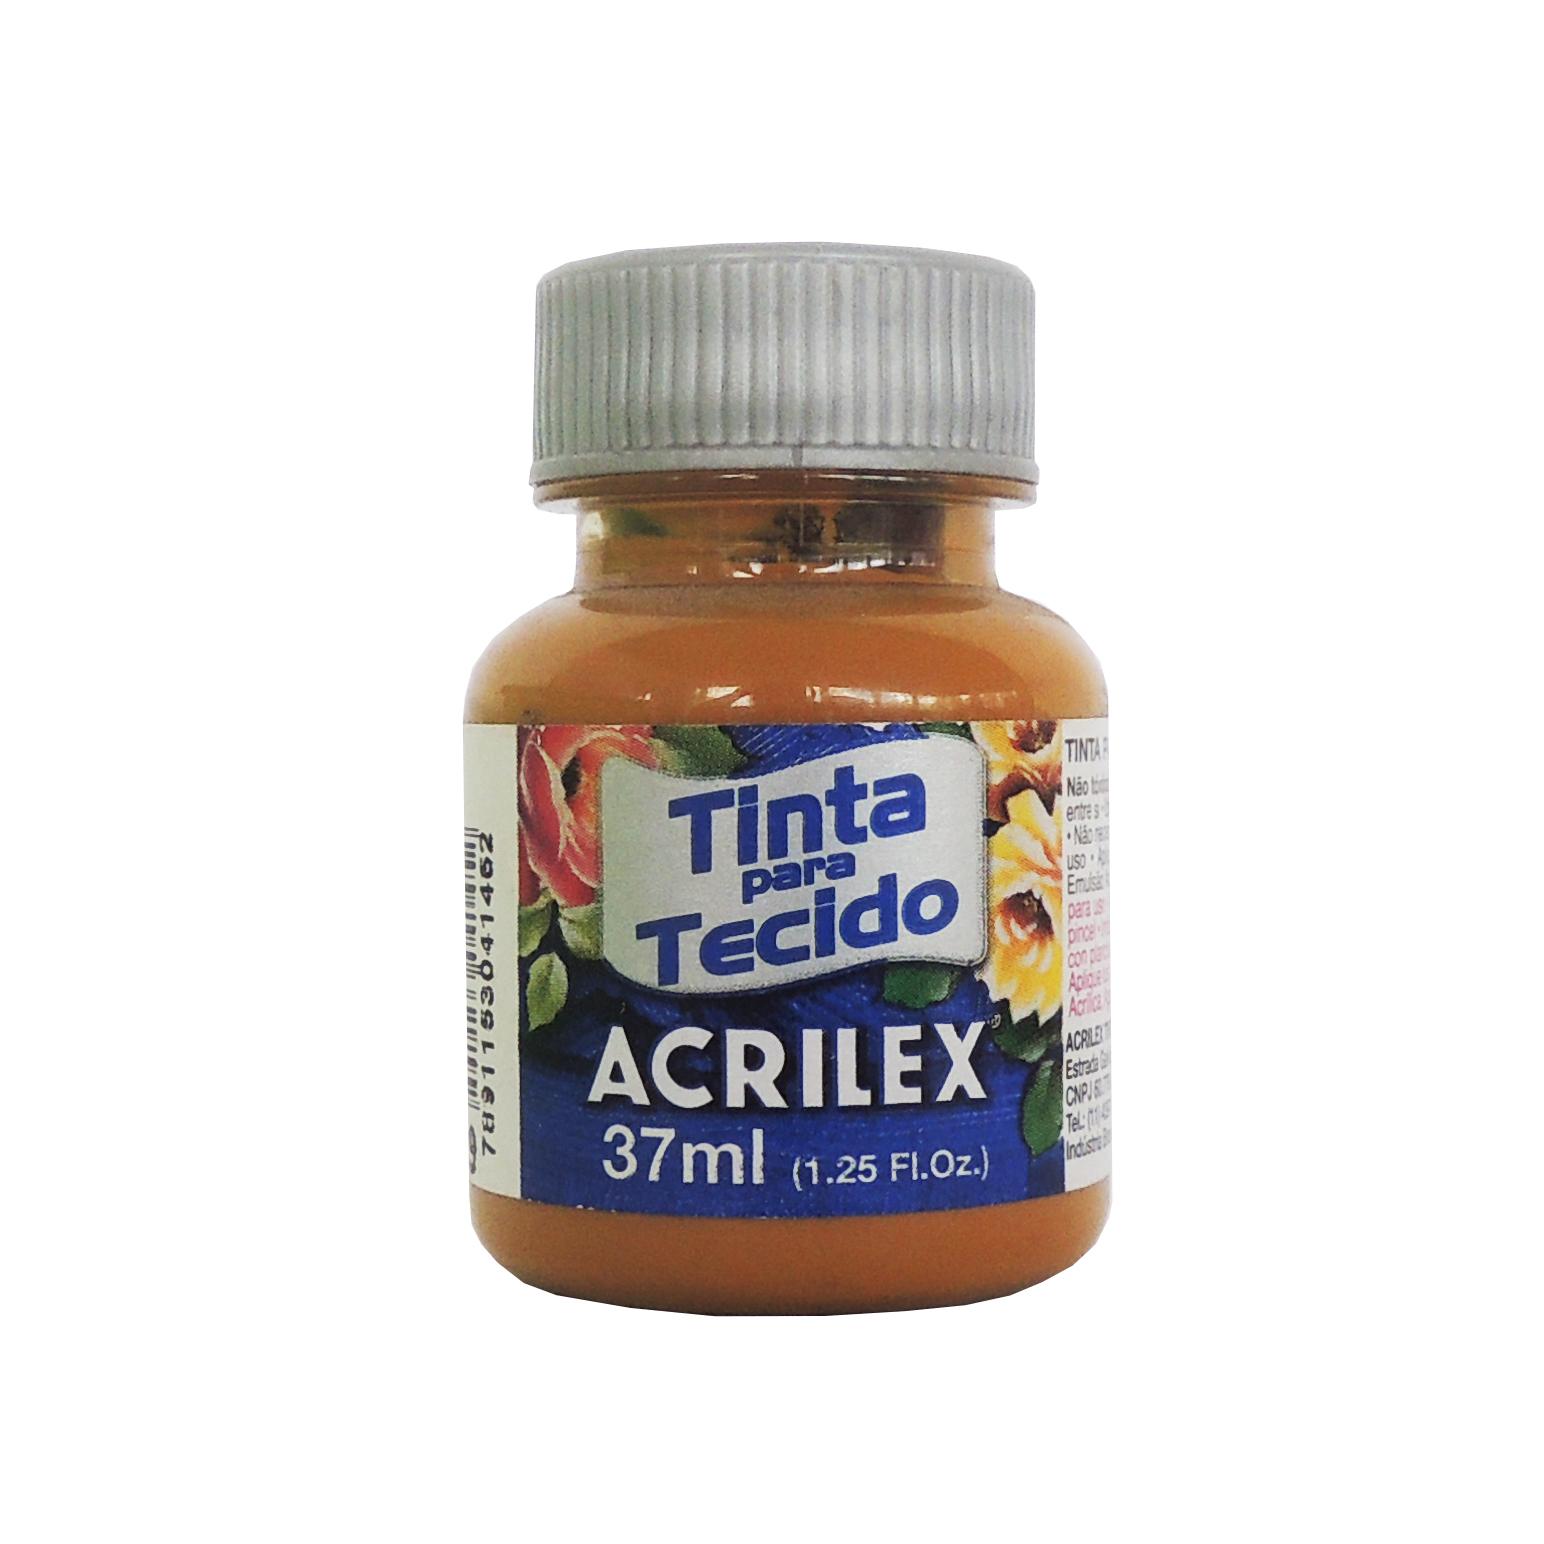 tinta-para-tecido-acrilex-37ml-539-siena-natural